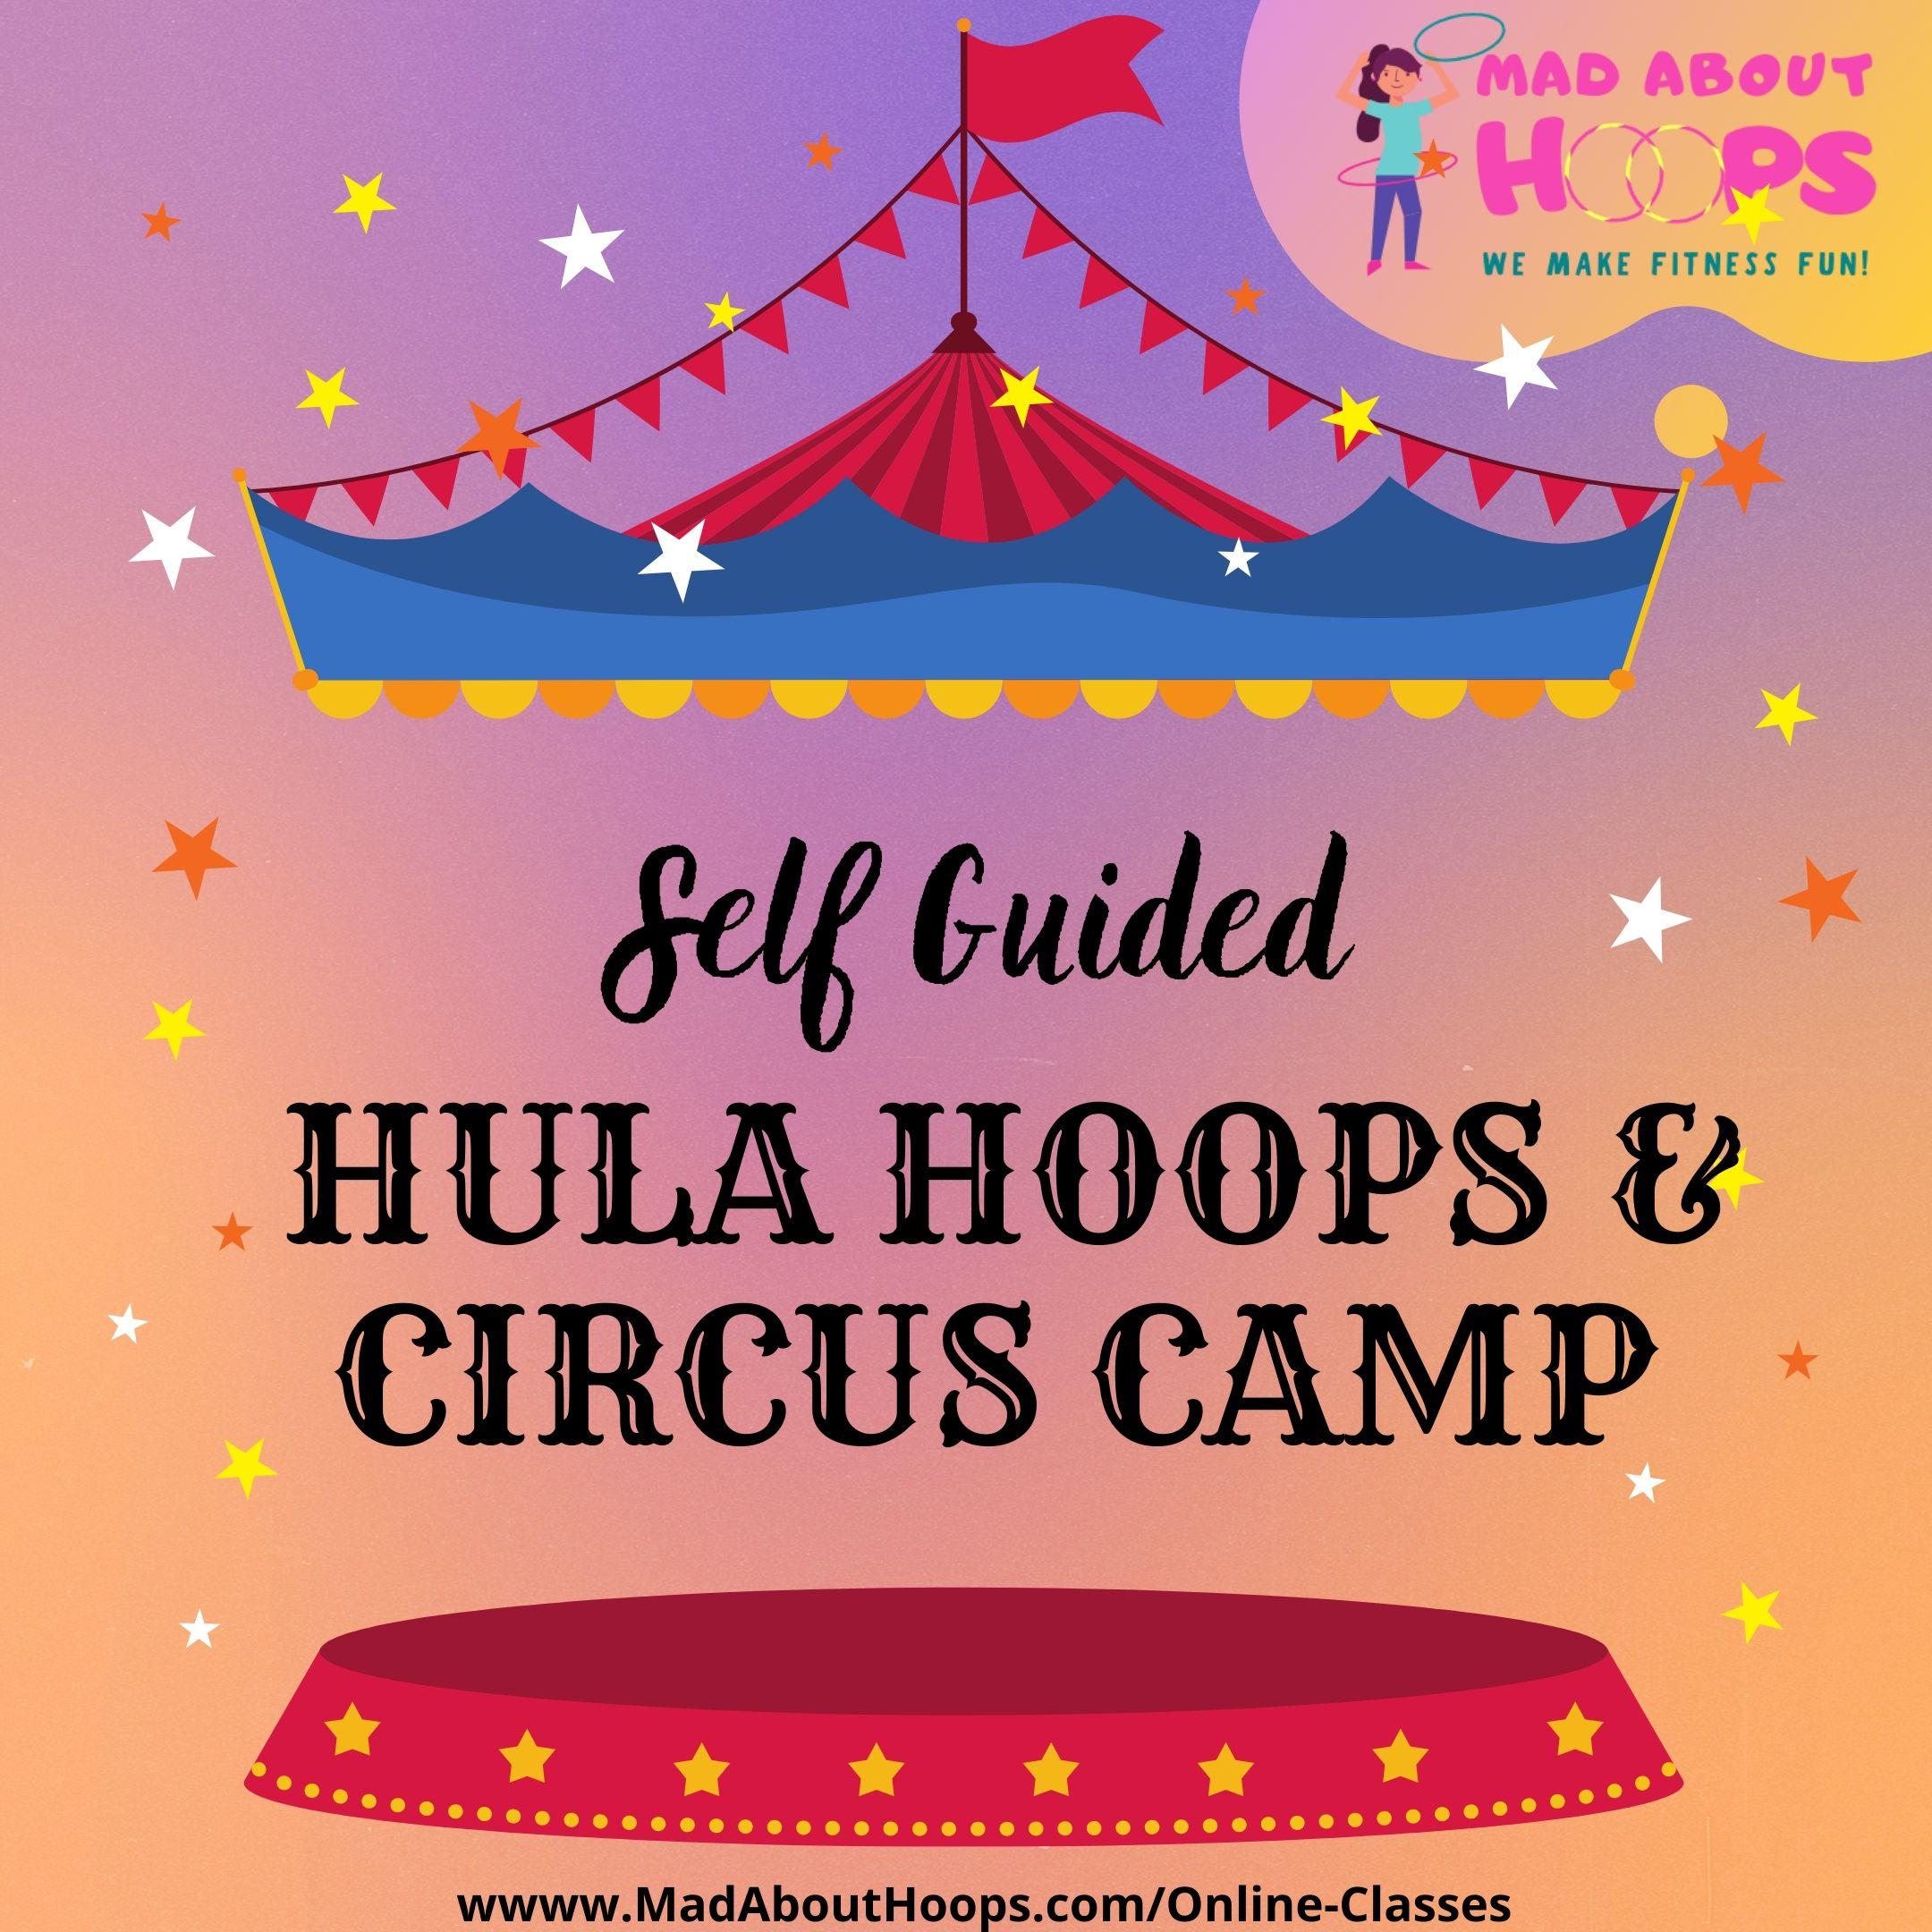 Hula Hoops and Circus Camp